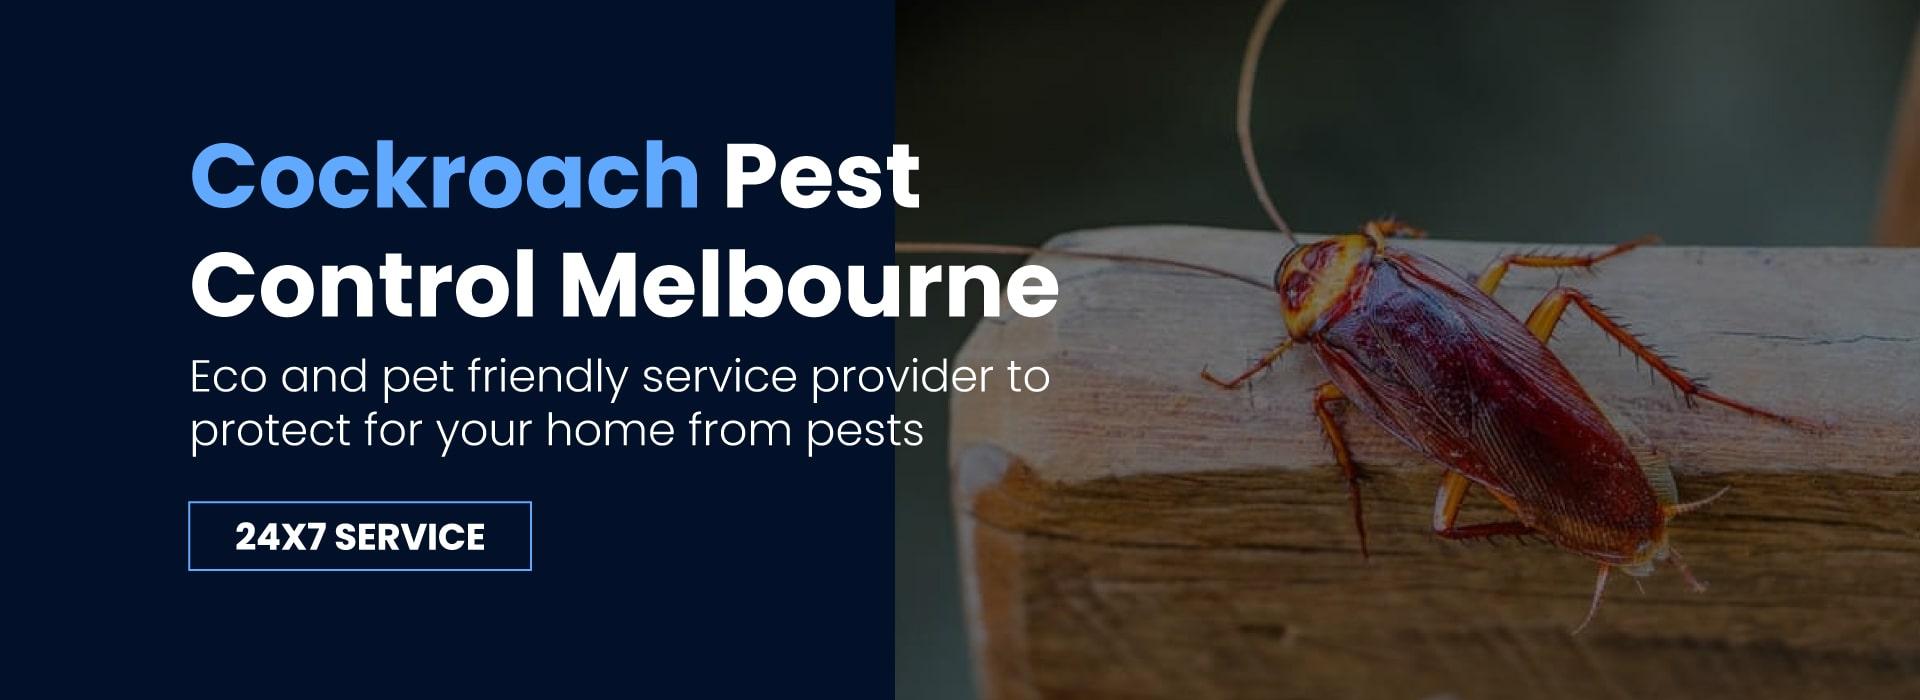 Cockroach Pest Control Melbourne